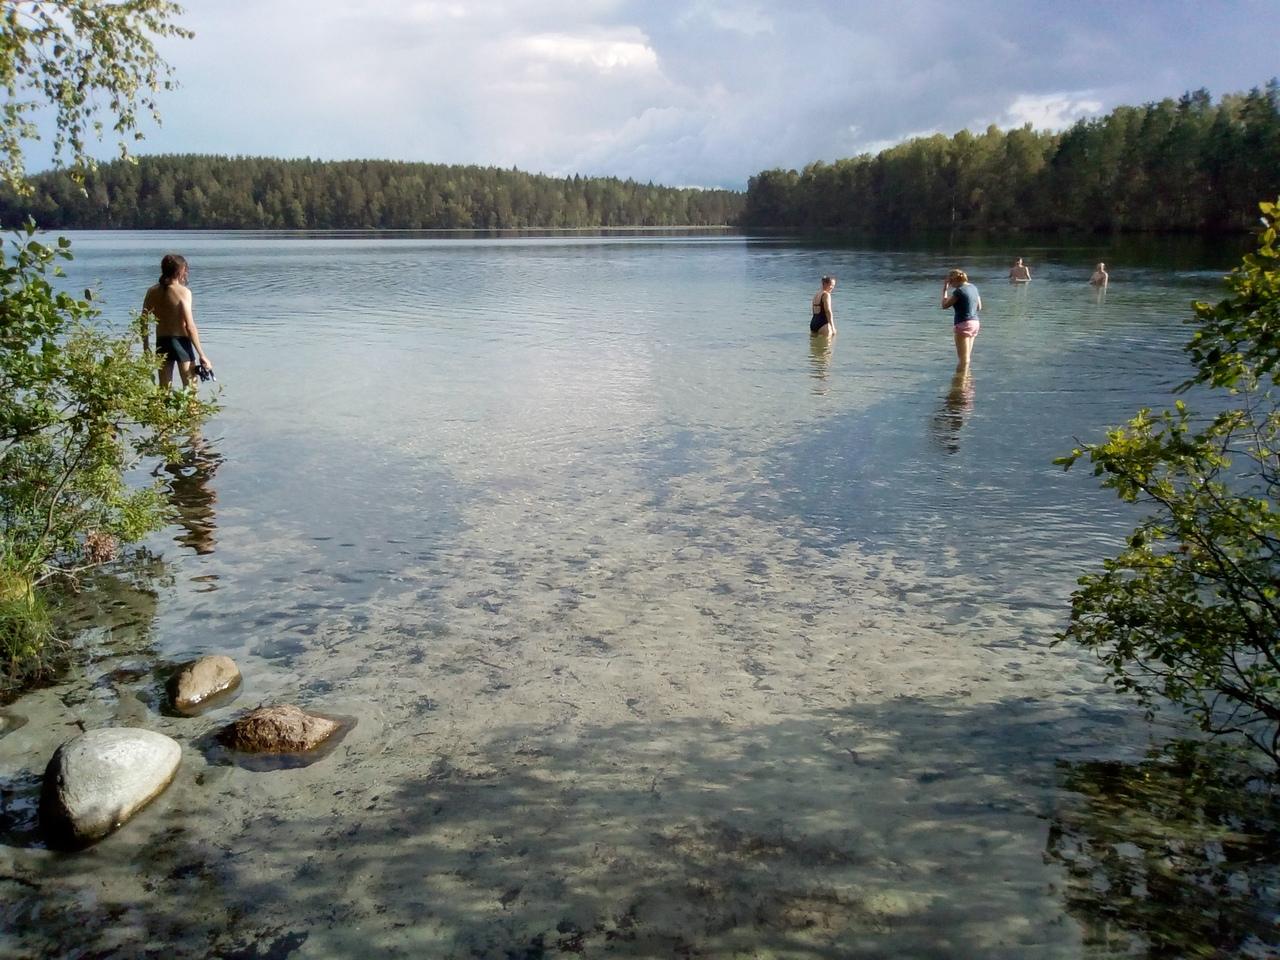 Четыре волшебных озера у станции Тарасовская, что на Карельском перешейке. Фотоотчет о походе